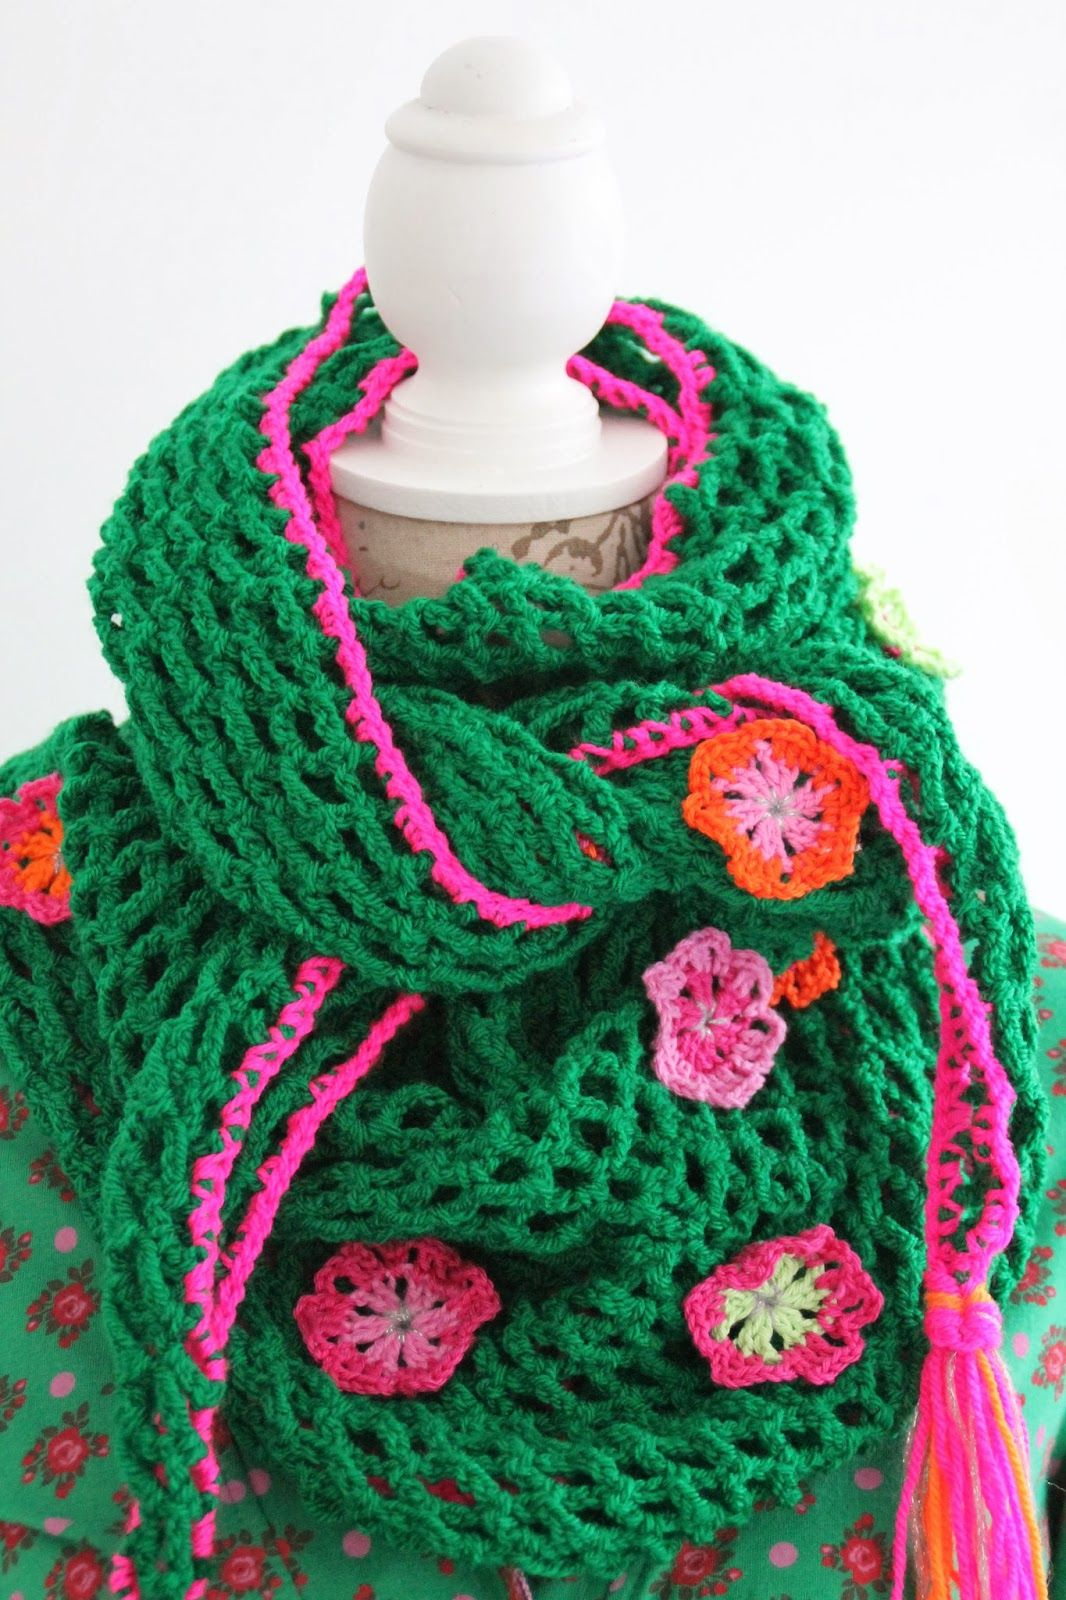 De Haakzolder Sjaal Omslagdoek Haken Met Bloemen Haken Crochet